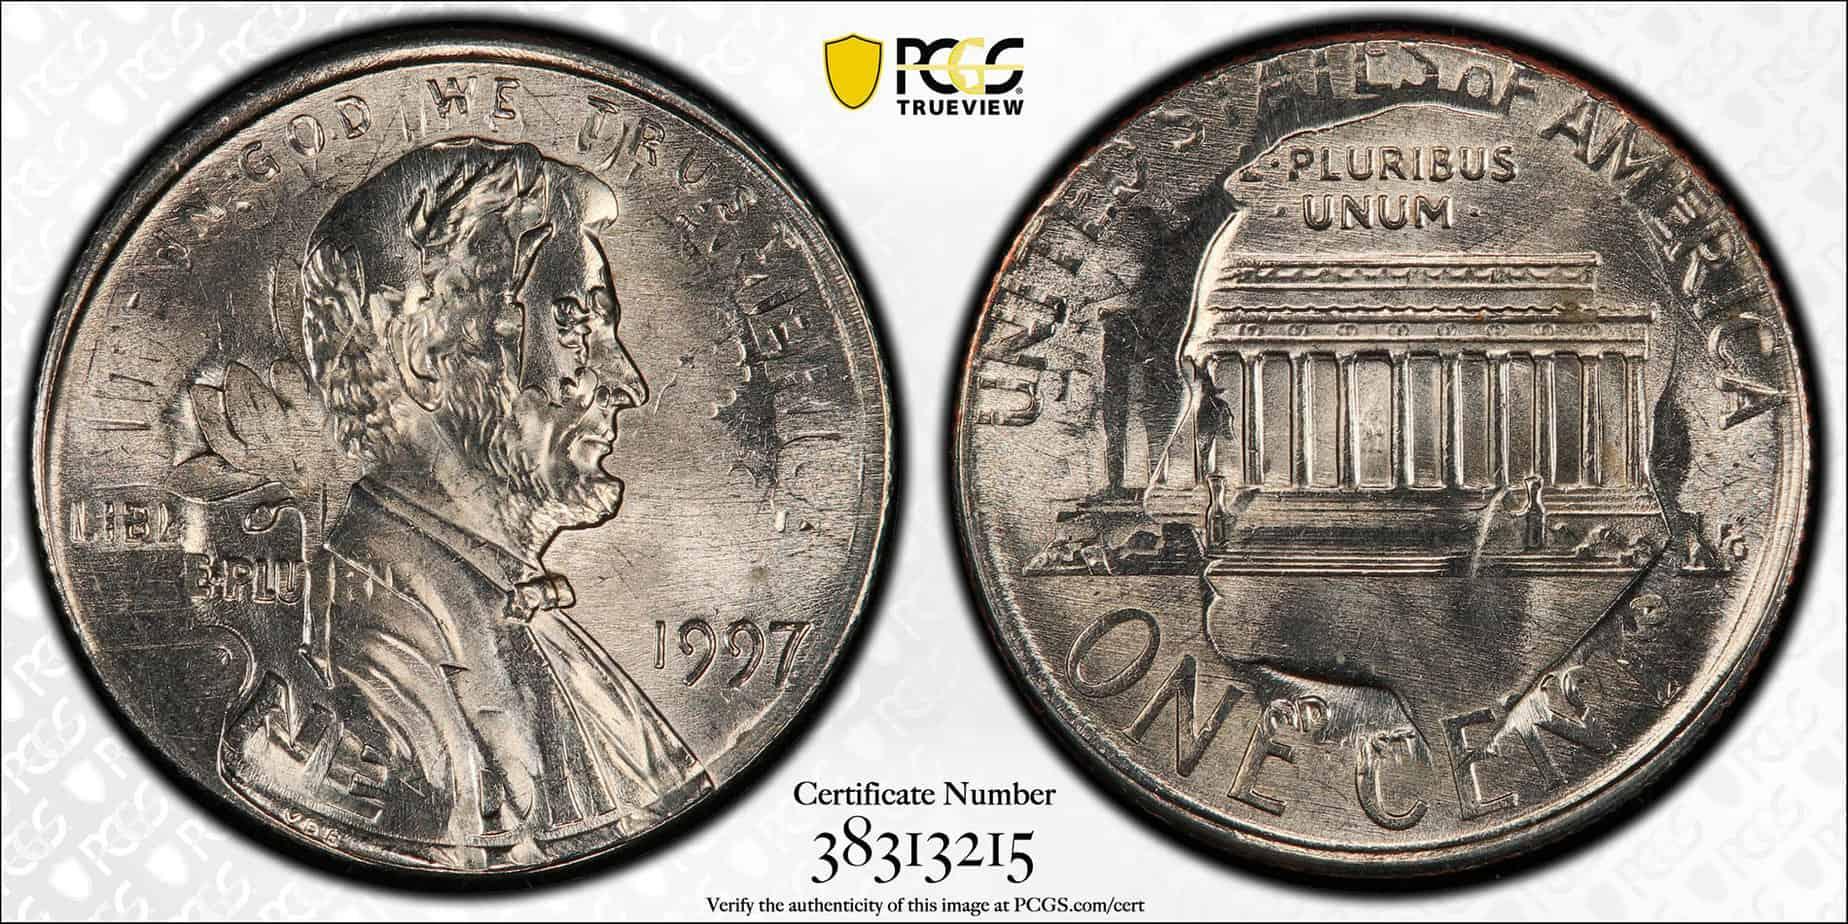 1 centavo doble denominación